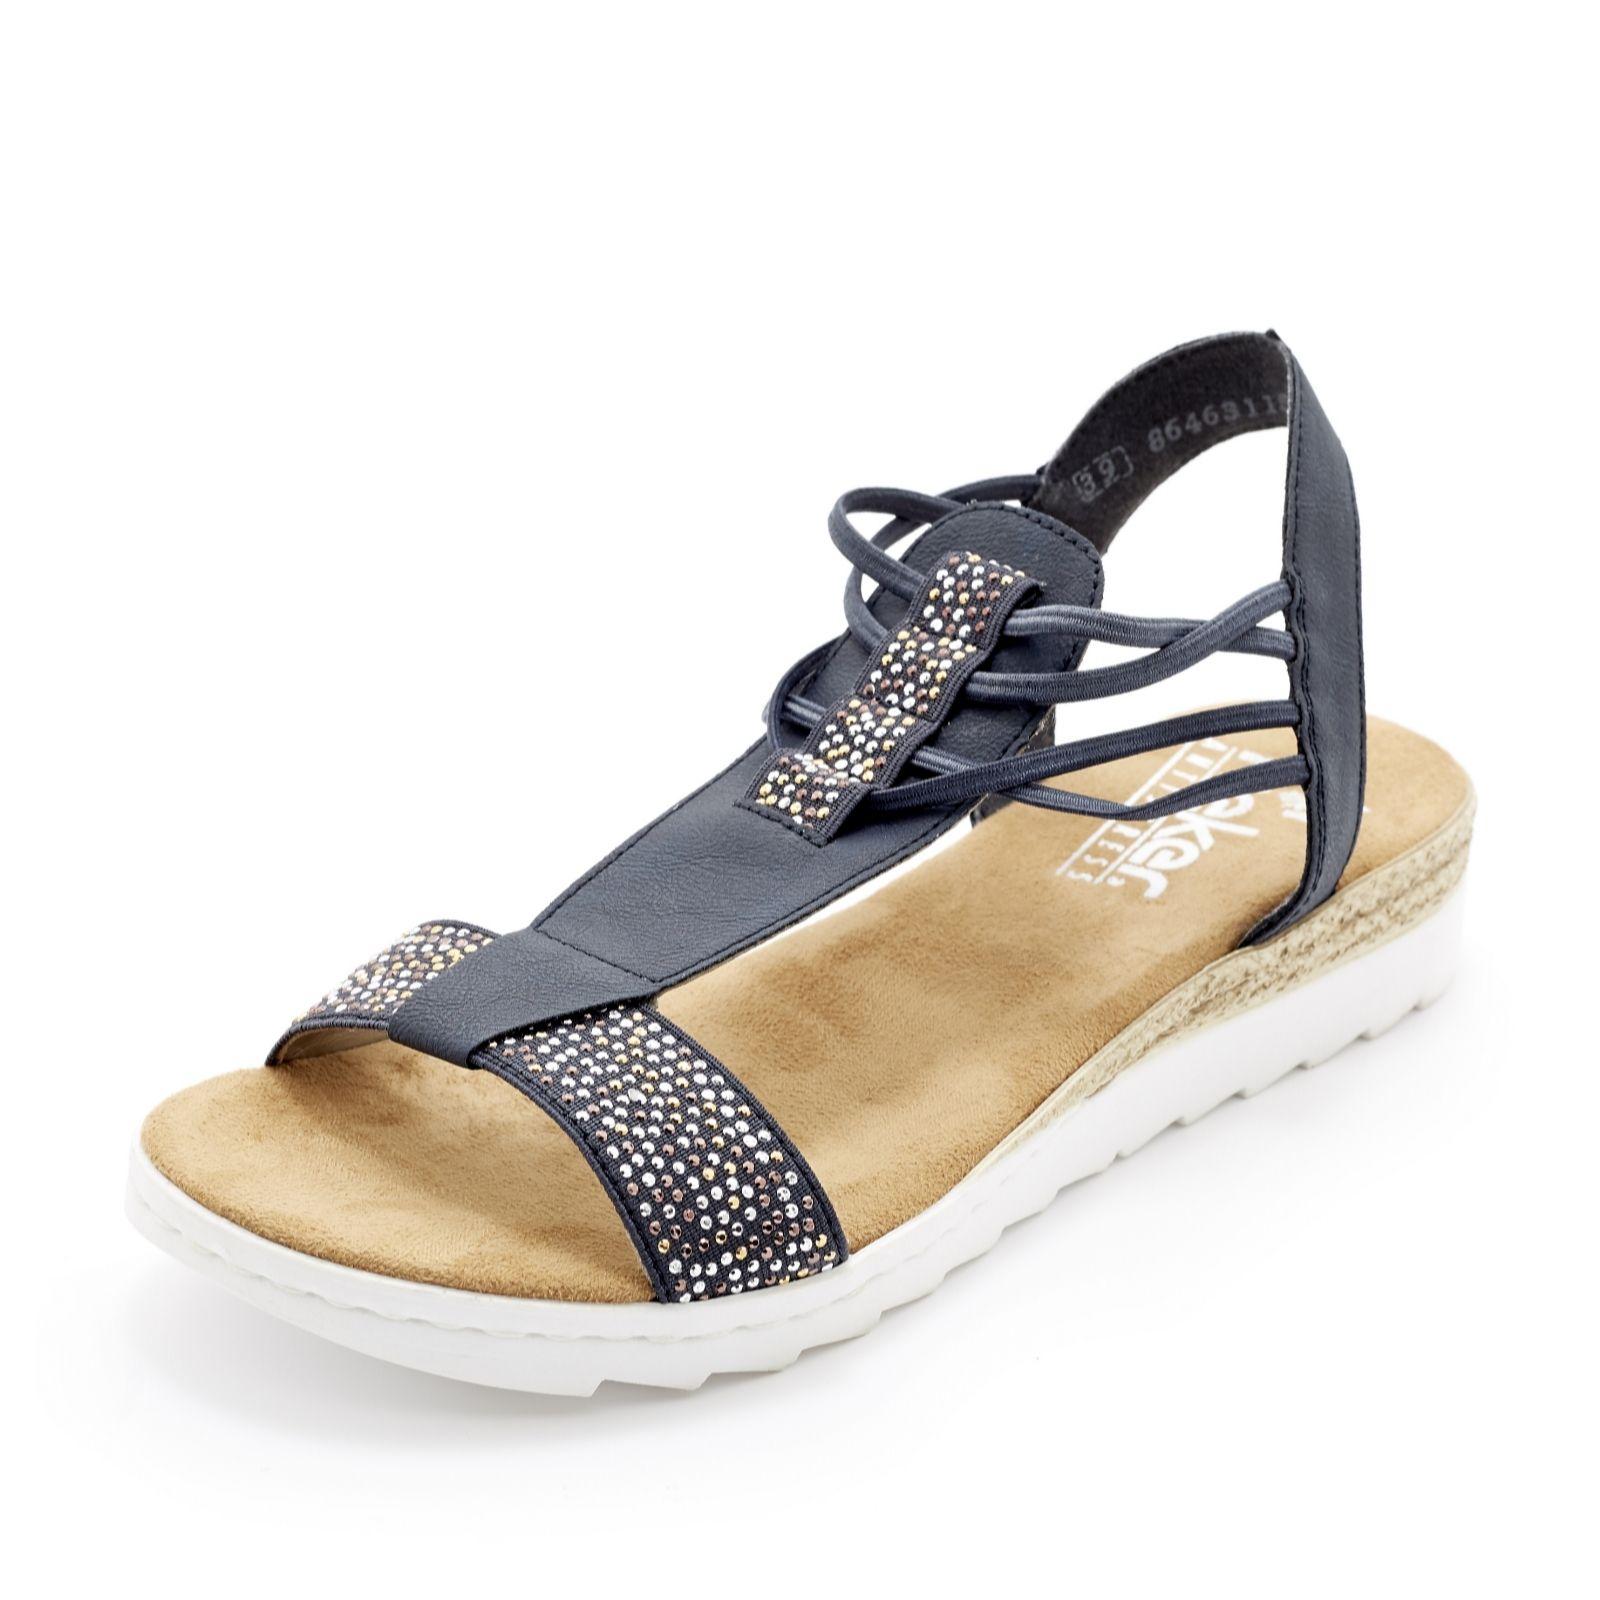 Rieker Embellished Flat Slip On Sandal - QVC UK 724d37449294